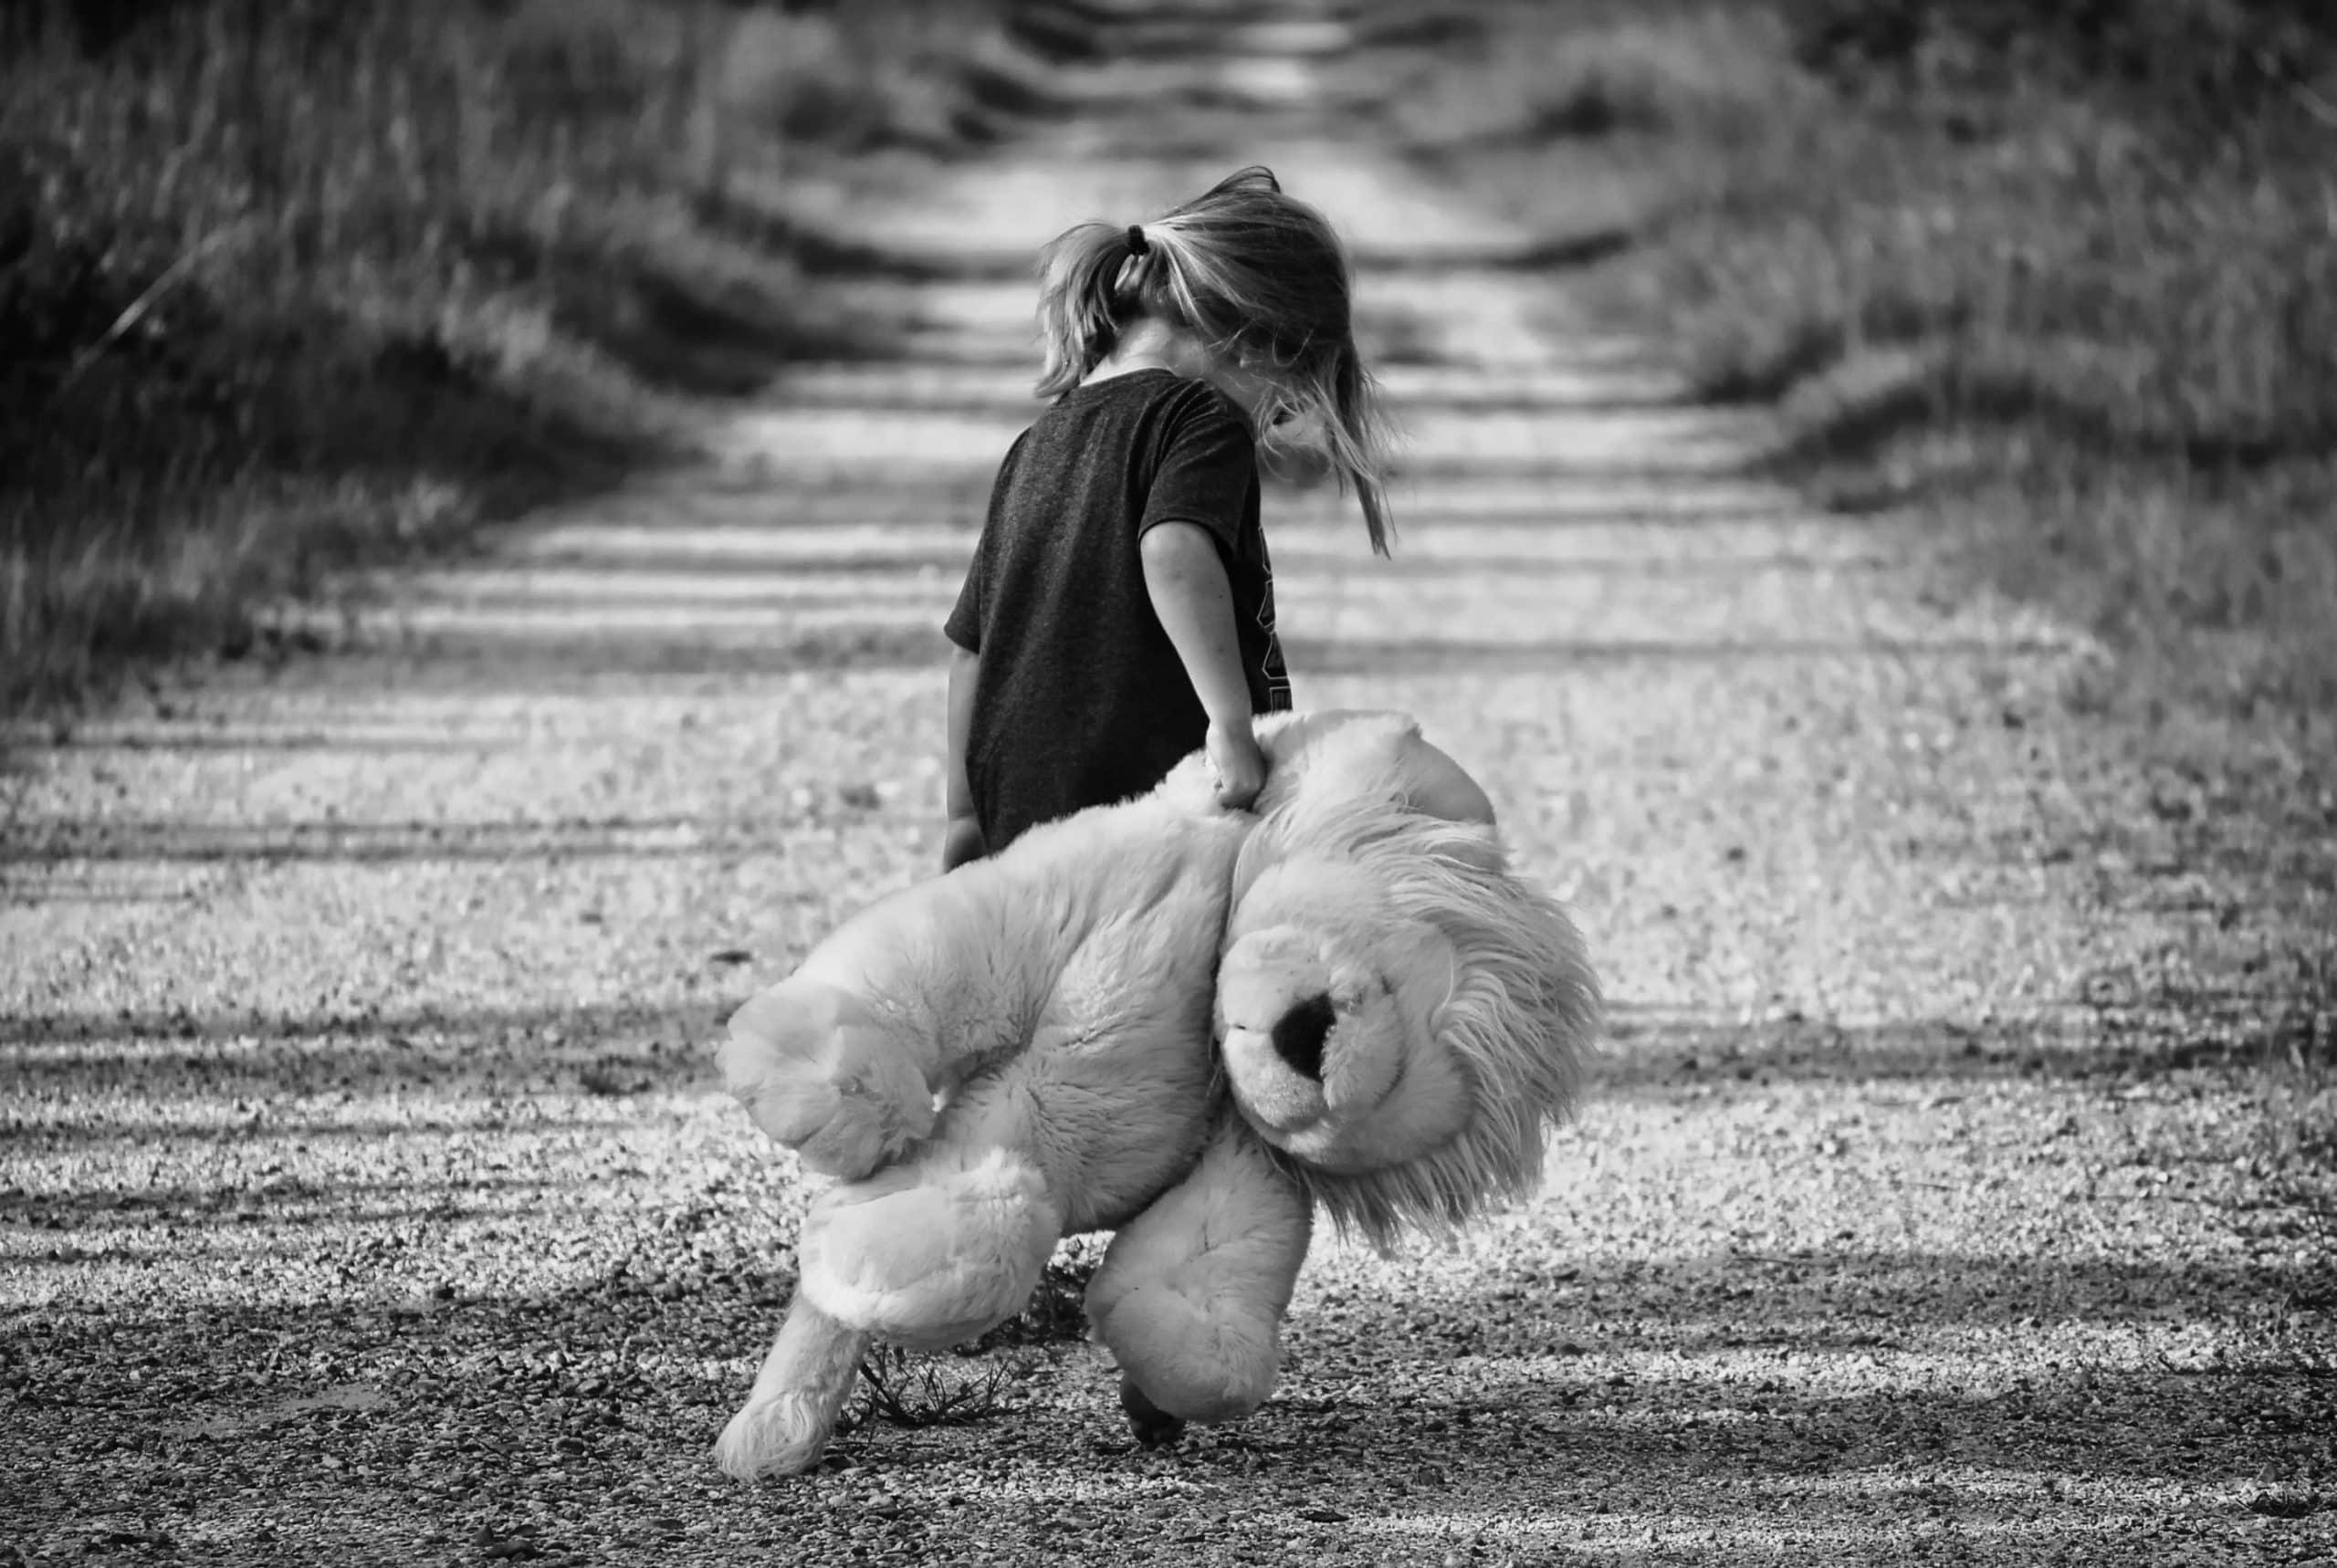 Citation A quoi servent nos rêves d'enfant?